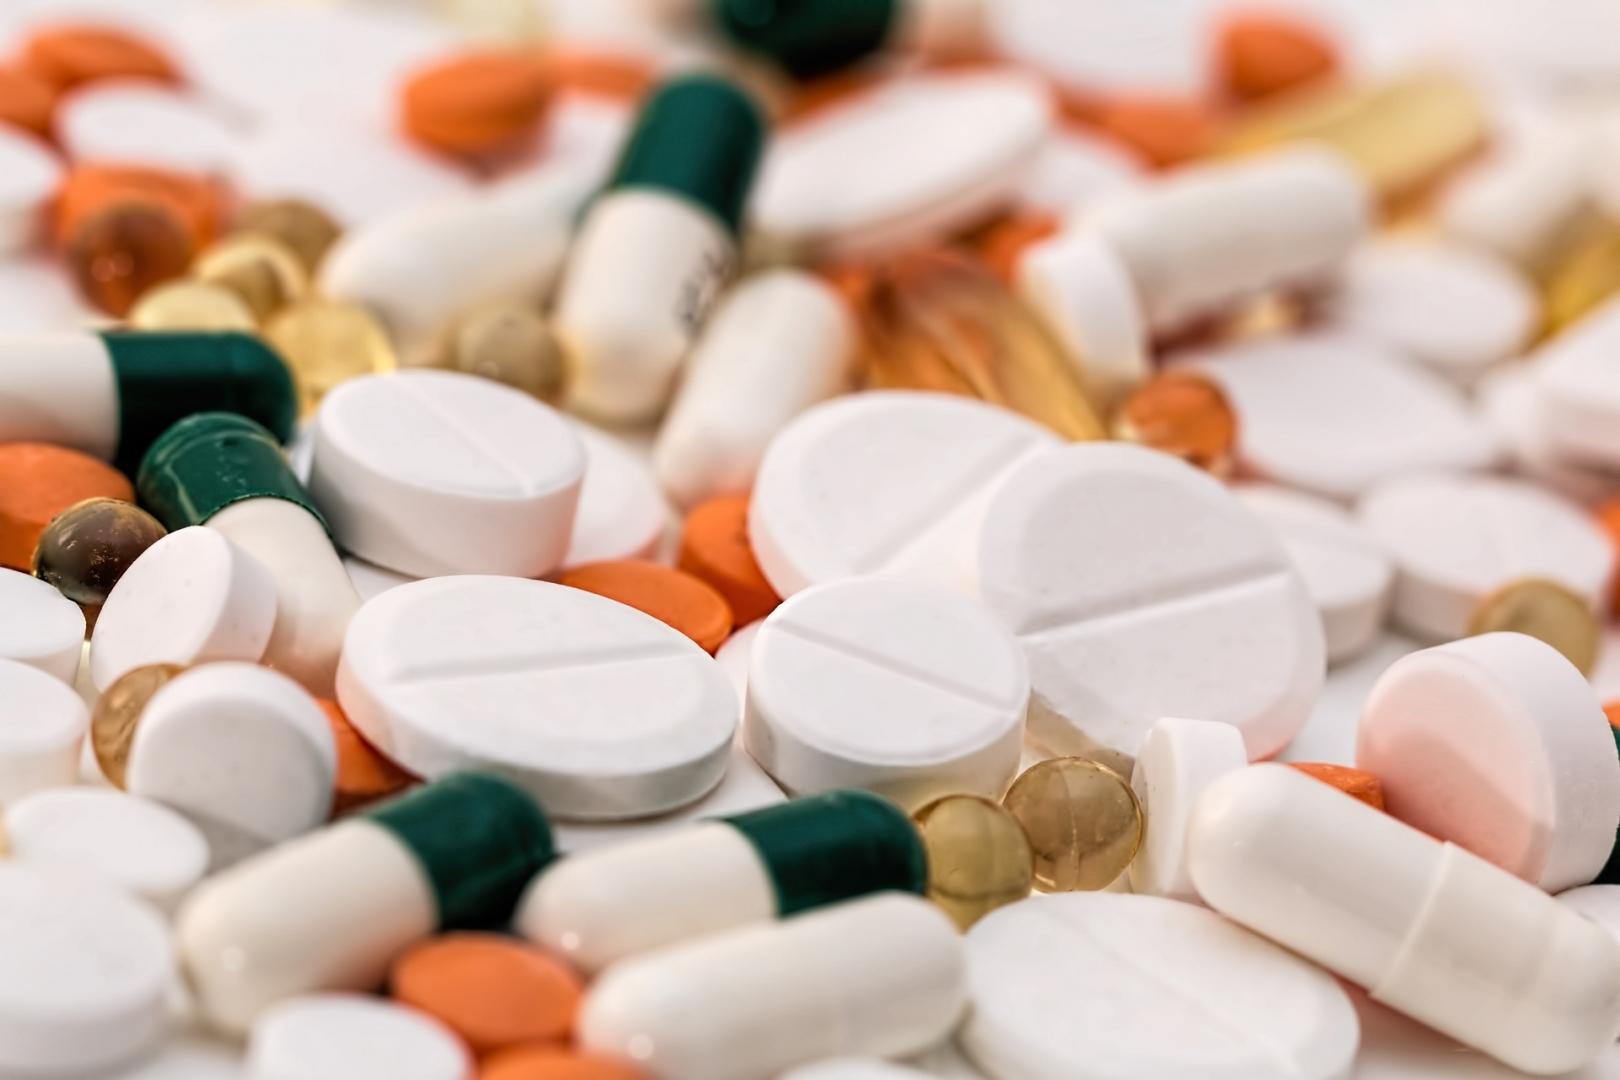 Картинки на лекарства